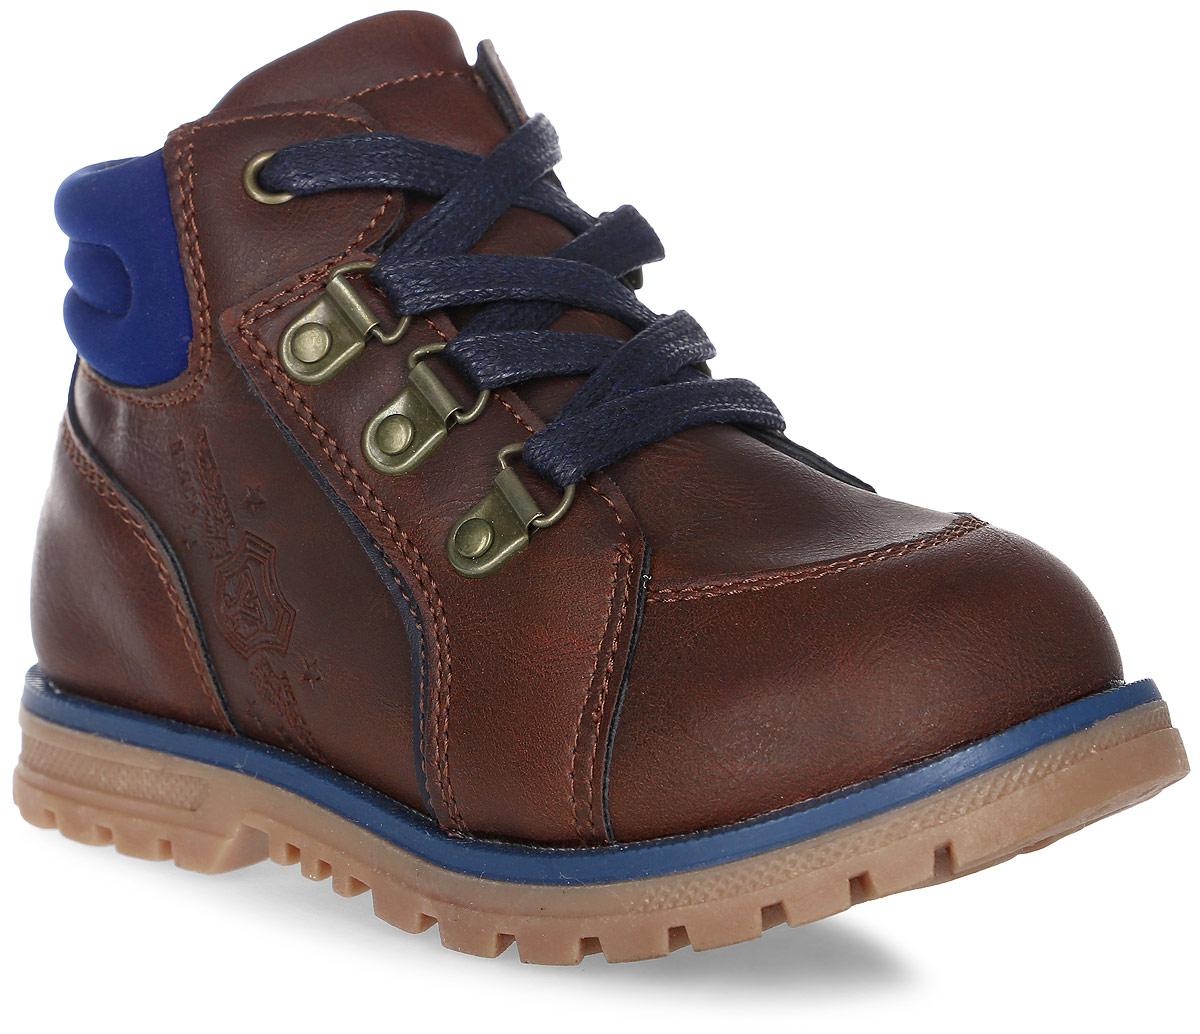 Ботинки для мальчика Indigo Kids, цвет: коричневый. 51-128B/12. Размер 2251-128B/12Очаровательные детские ботинки от Indigo Kids заинтересуют вашего модника с первого взгляда. Модель выполнена из искусственной кожи. Внутренняя поверхность и стелька выполненные из байки, предотвращают натирание и гарантируют комфорт. Подъем дополнен классической шнуровкой, которая обеспечивает плотное прилегание модели к стопе и регулирует объем. Ботинки застегиваются на застежку-молнию, расположенную на одной из боковых сторон. Подошва оснащена рифлением для лучшей сцепки с поверхностью.